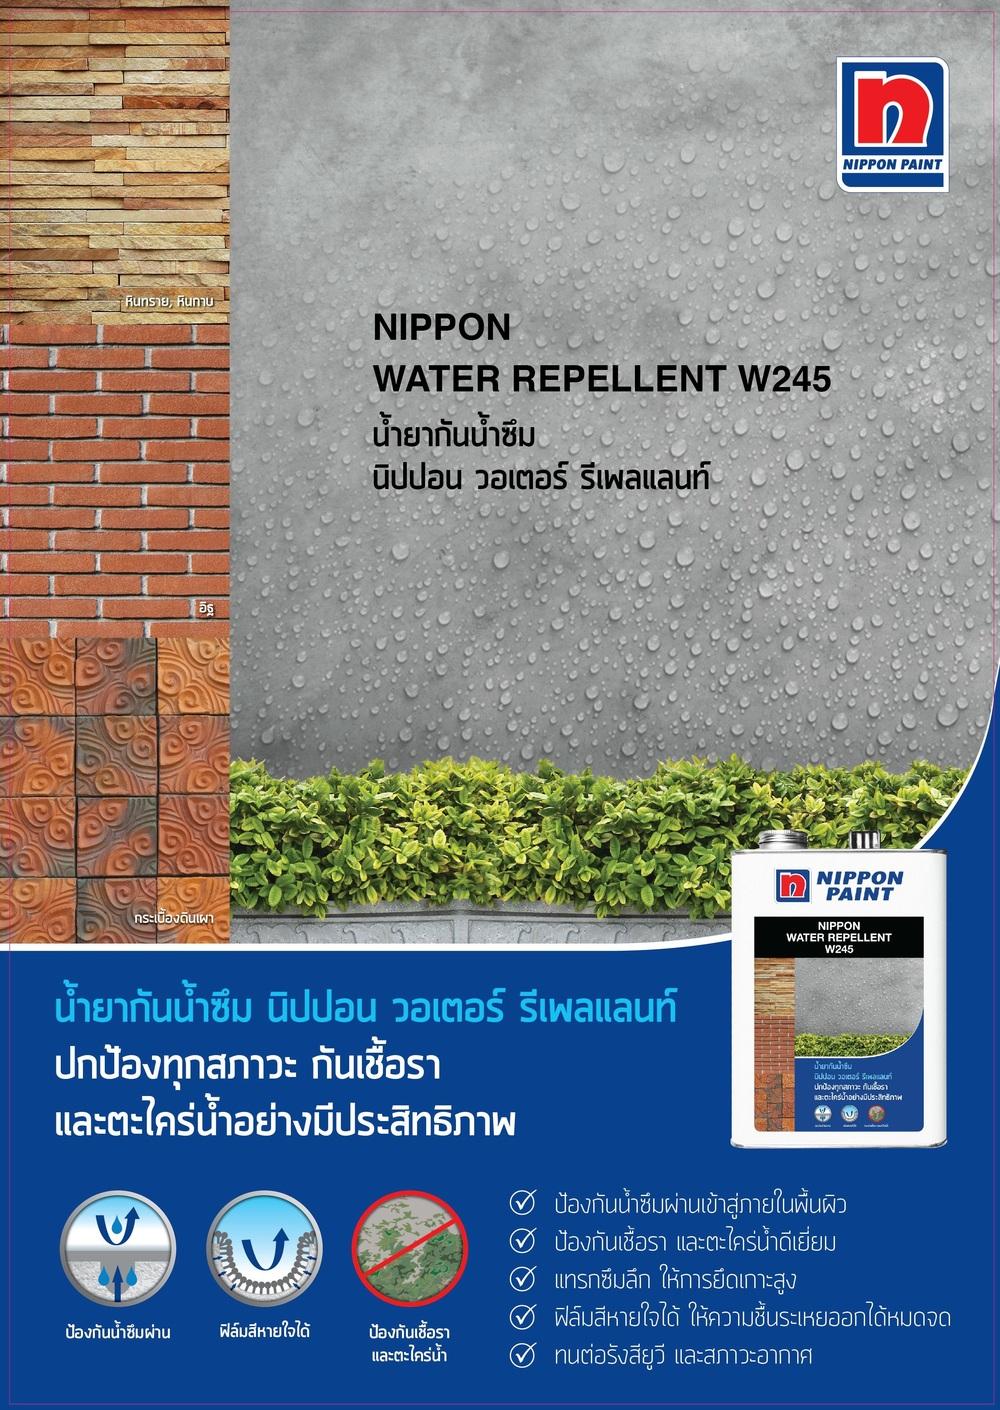 Leaflet_NP_WaterRepellent